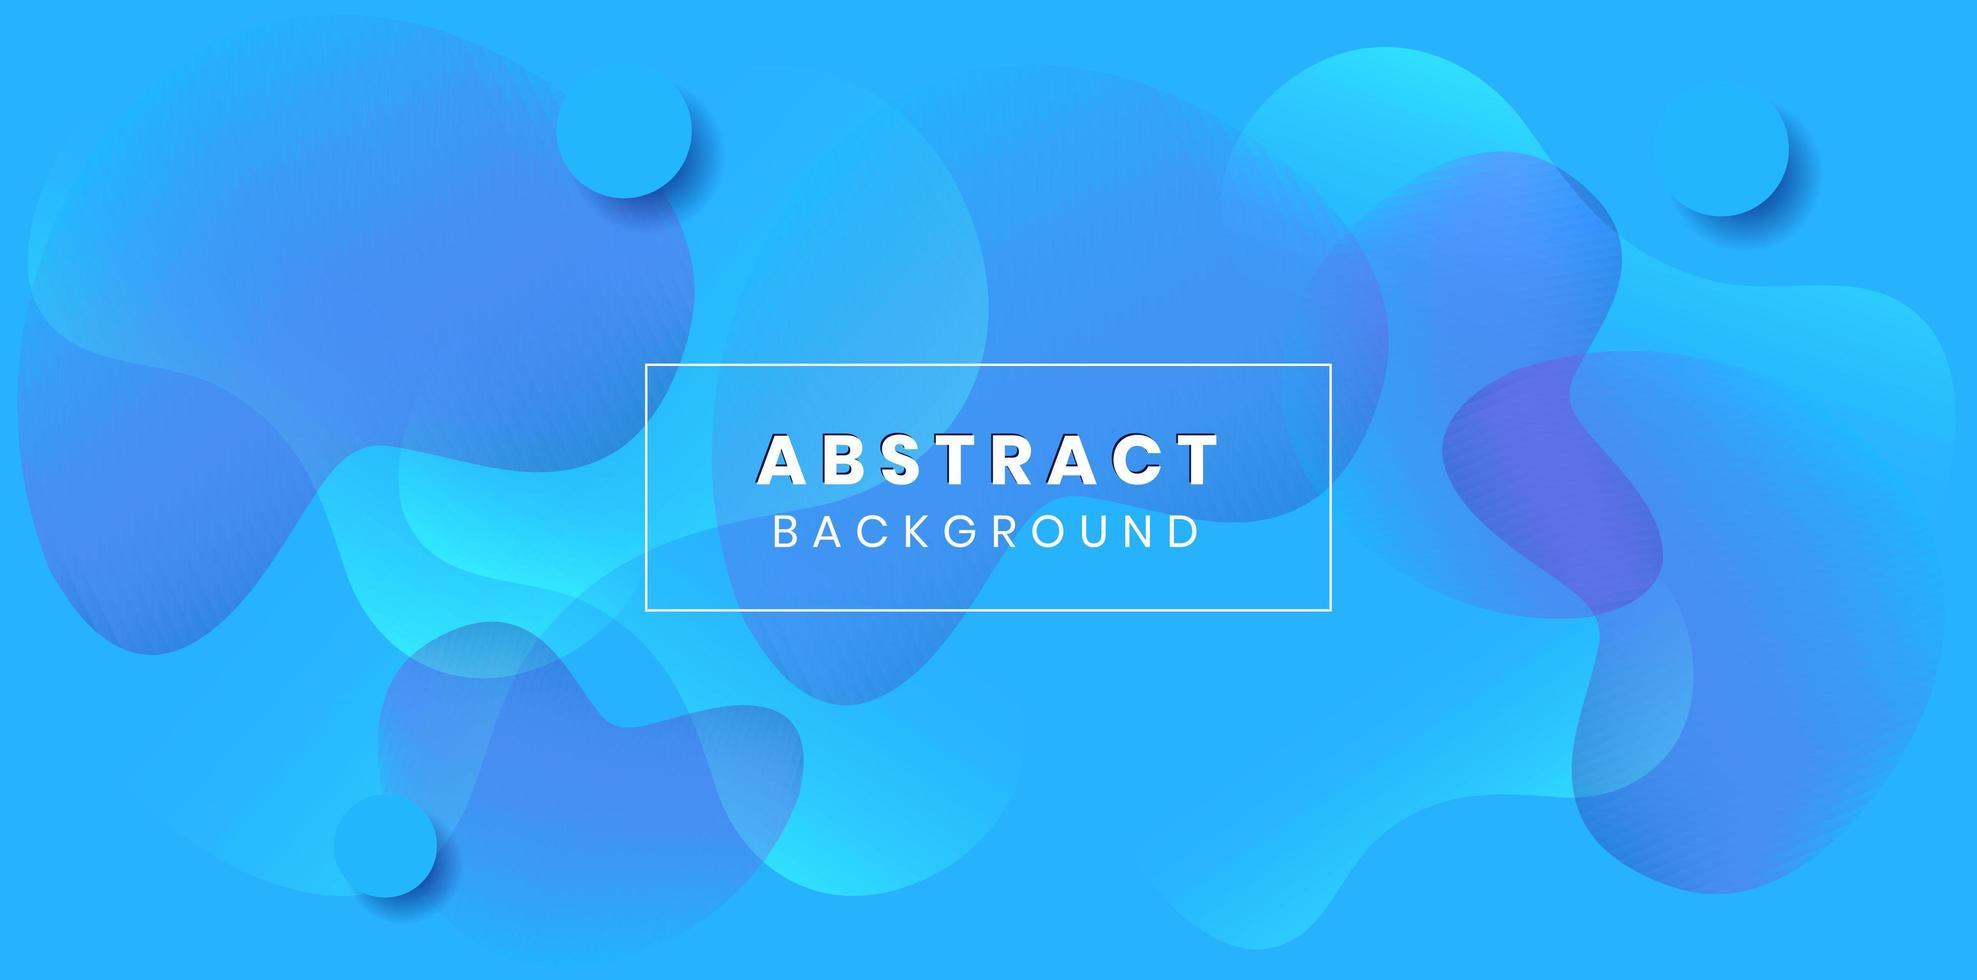 Vecteur abstrait motif circulaire fond